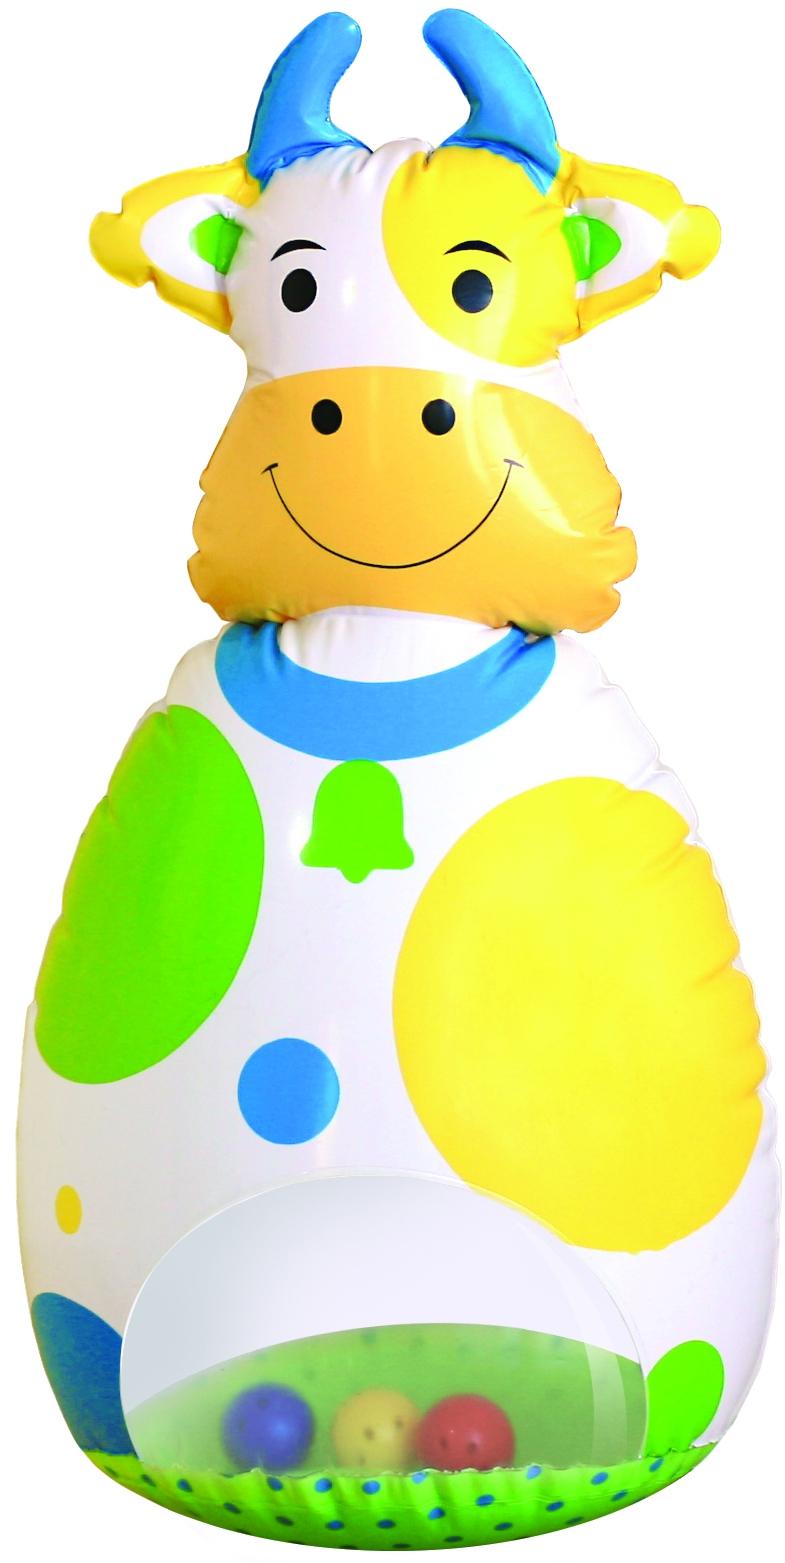 Игрушки для ванны LUBBY Коровка-Неваляшка игрушки для детей